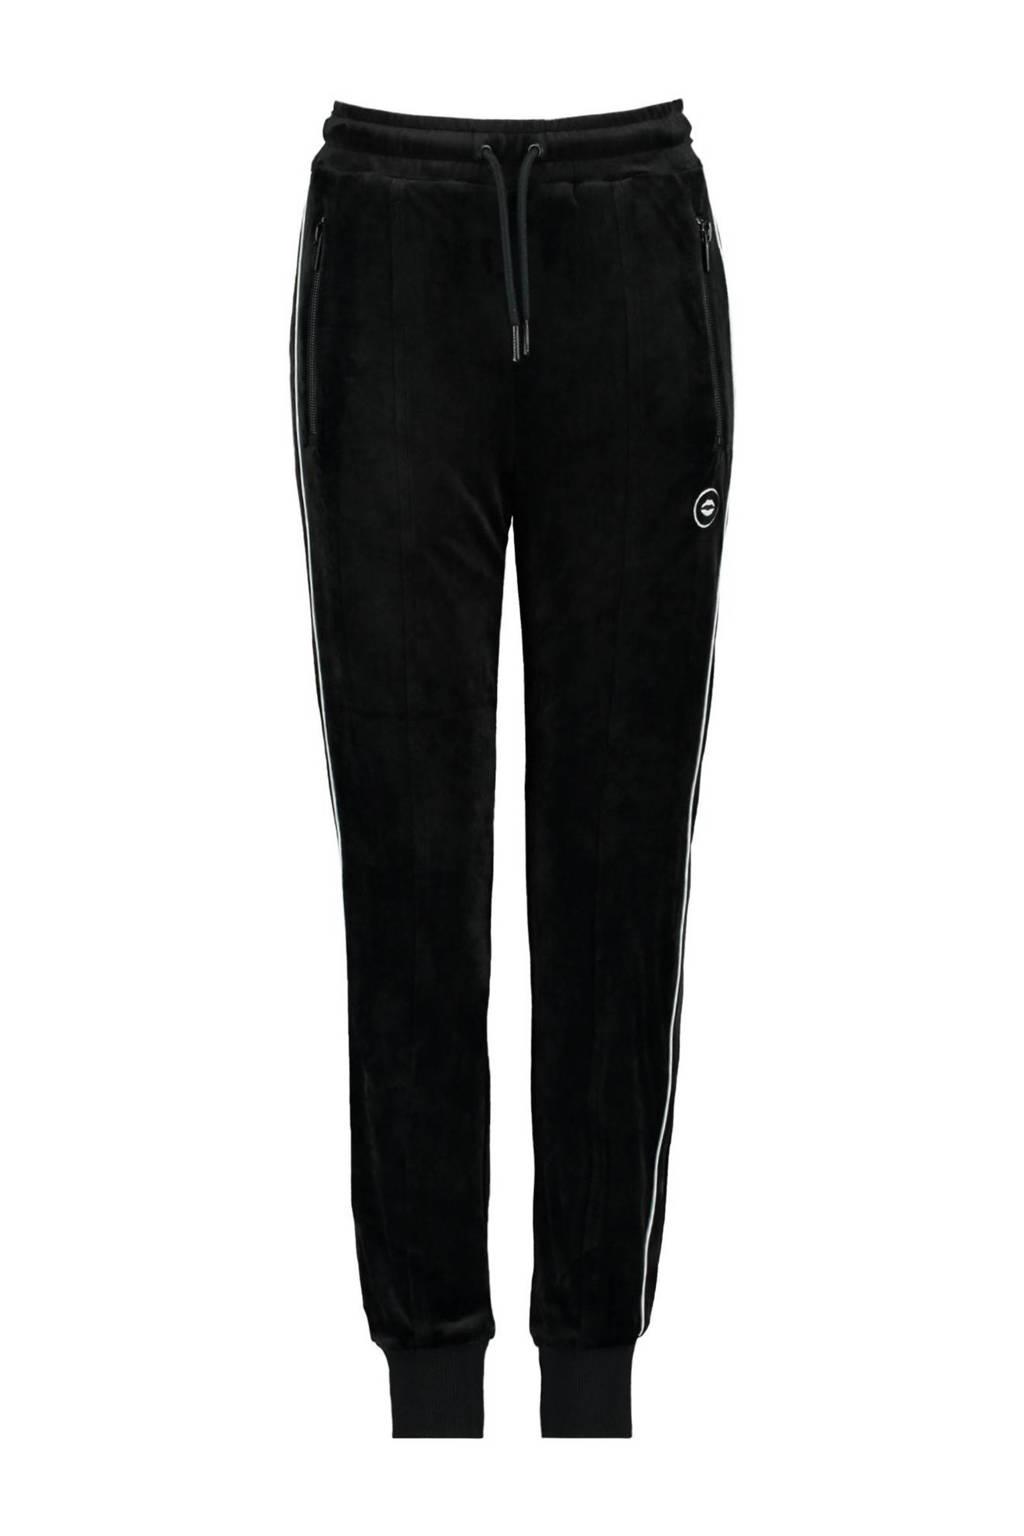 CoolCat Junior velours joggingbroek Coco met zijstreep zwart/wit, Zwart/wit